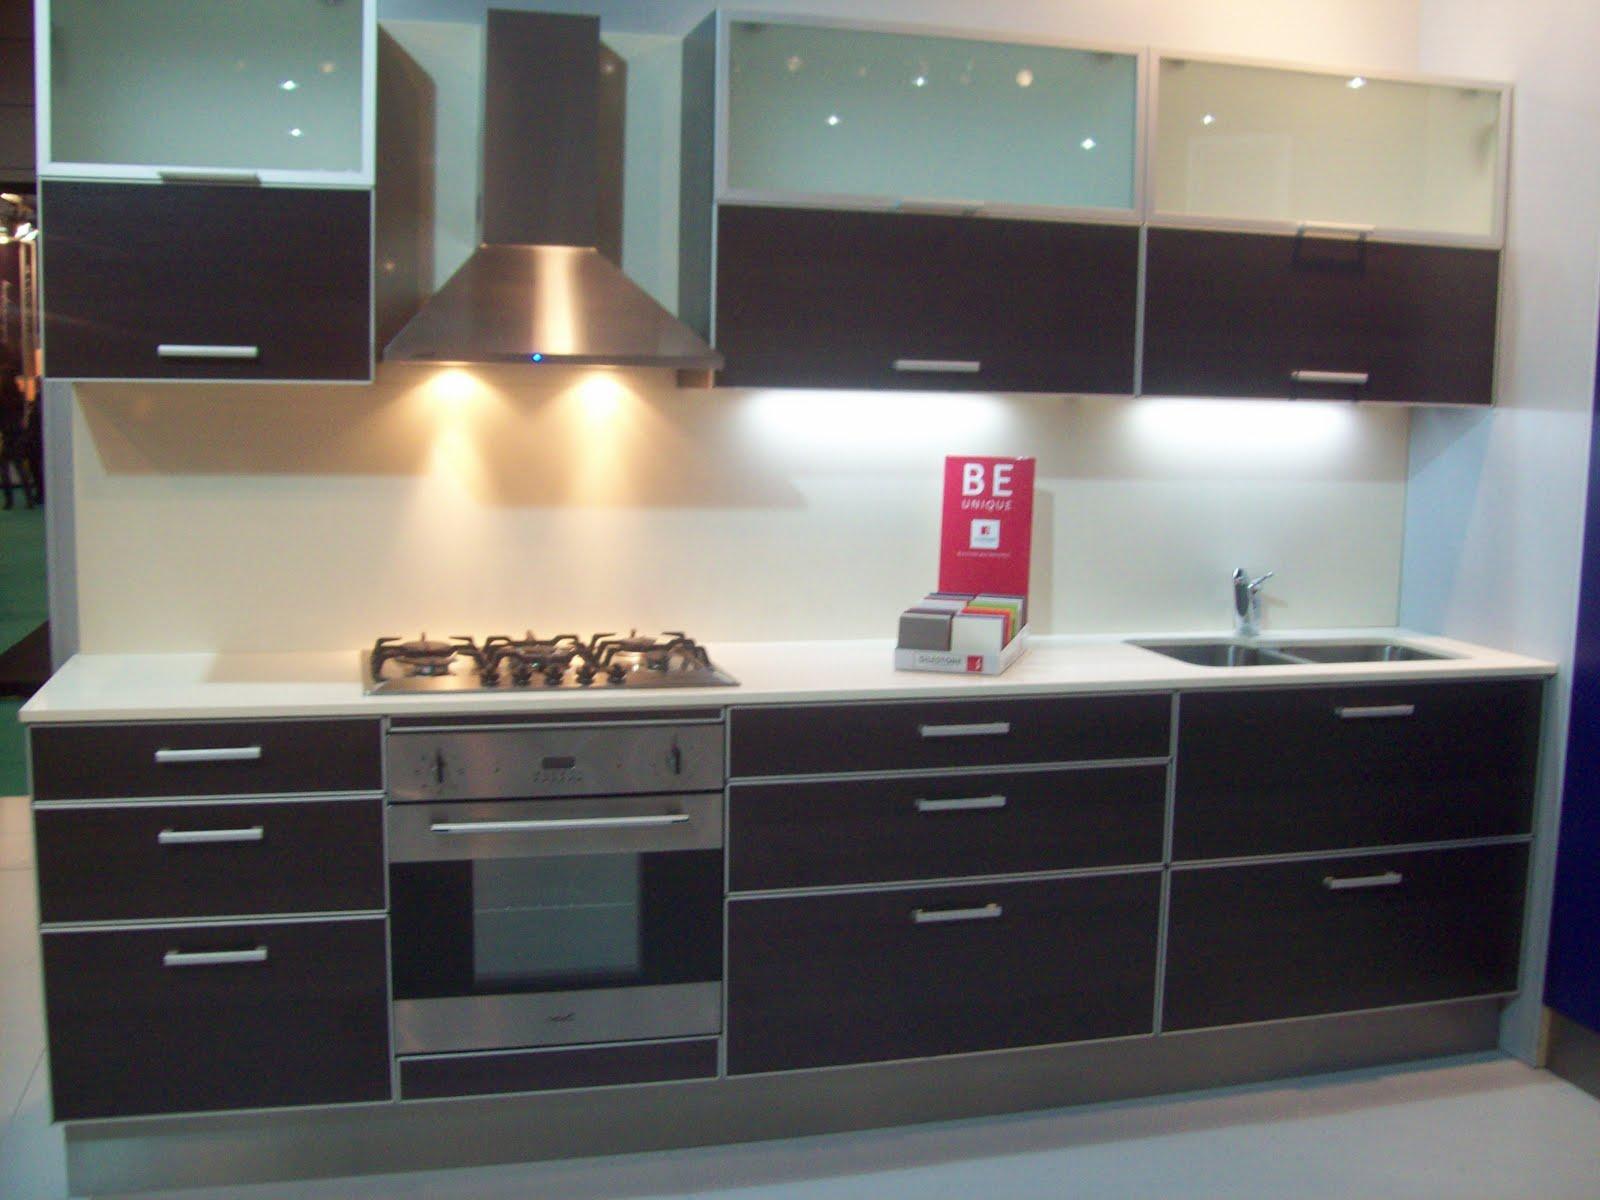 Amoblamiento de cocina muebles a medida mya1047 for Amoblamientos de cocina a medida precios